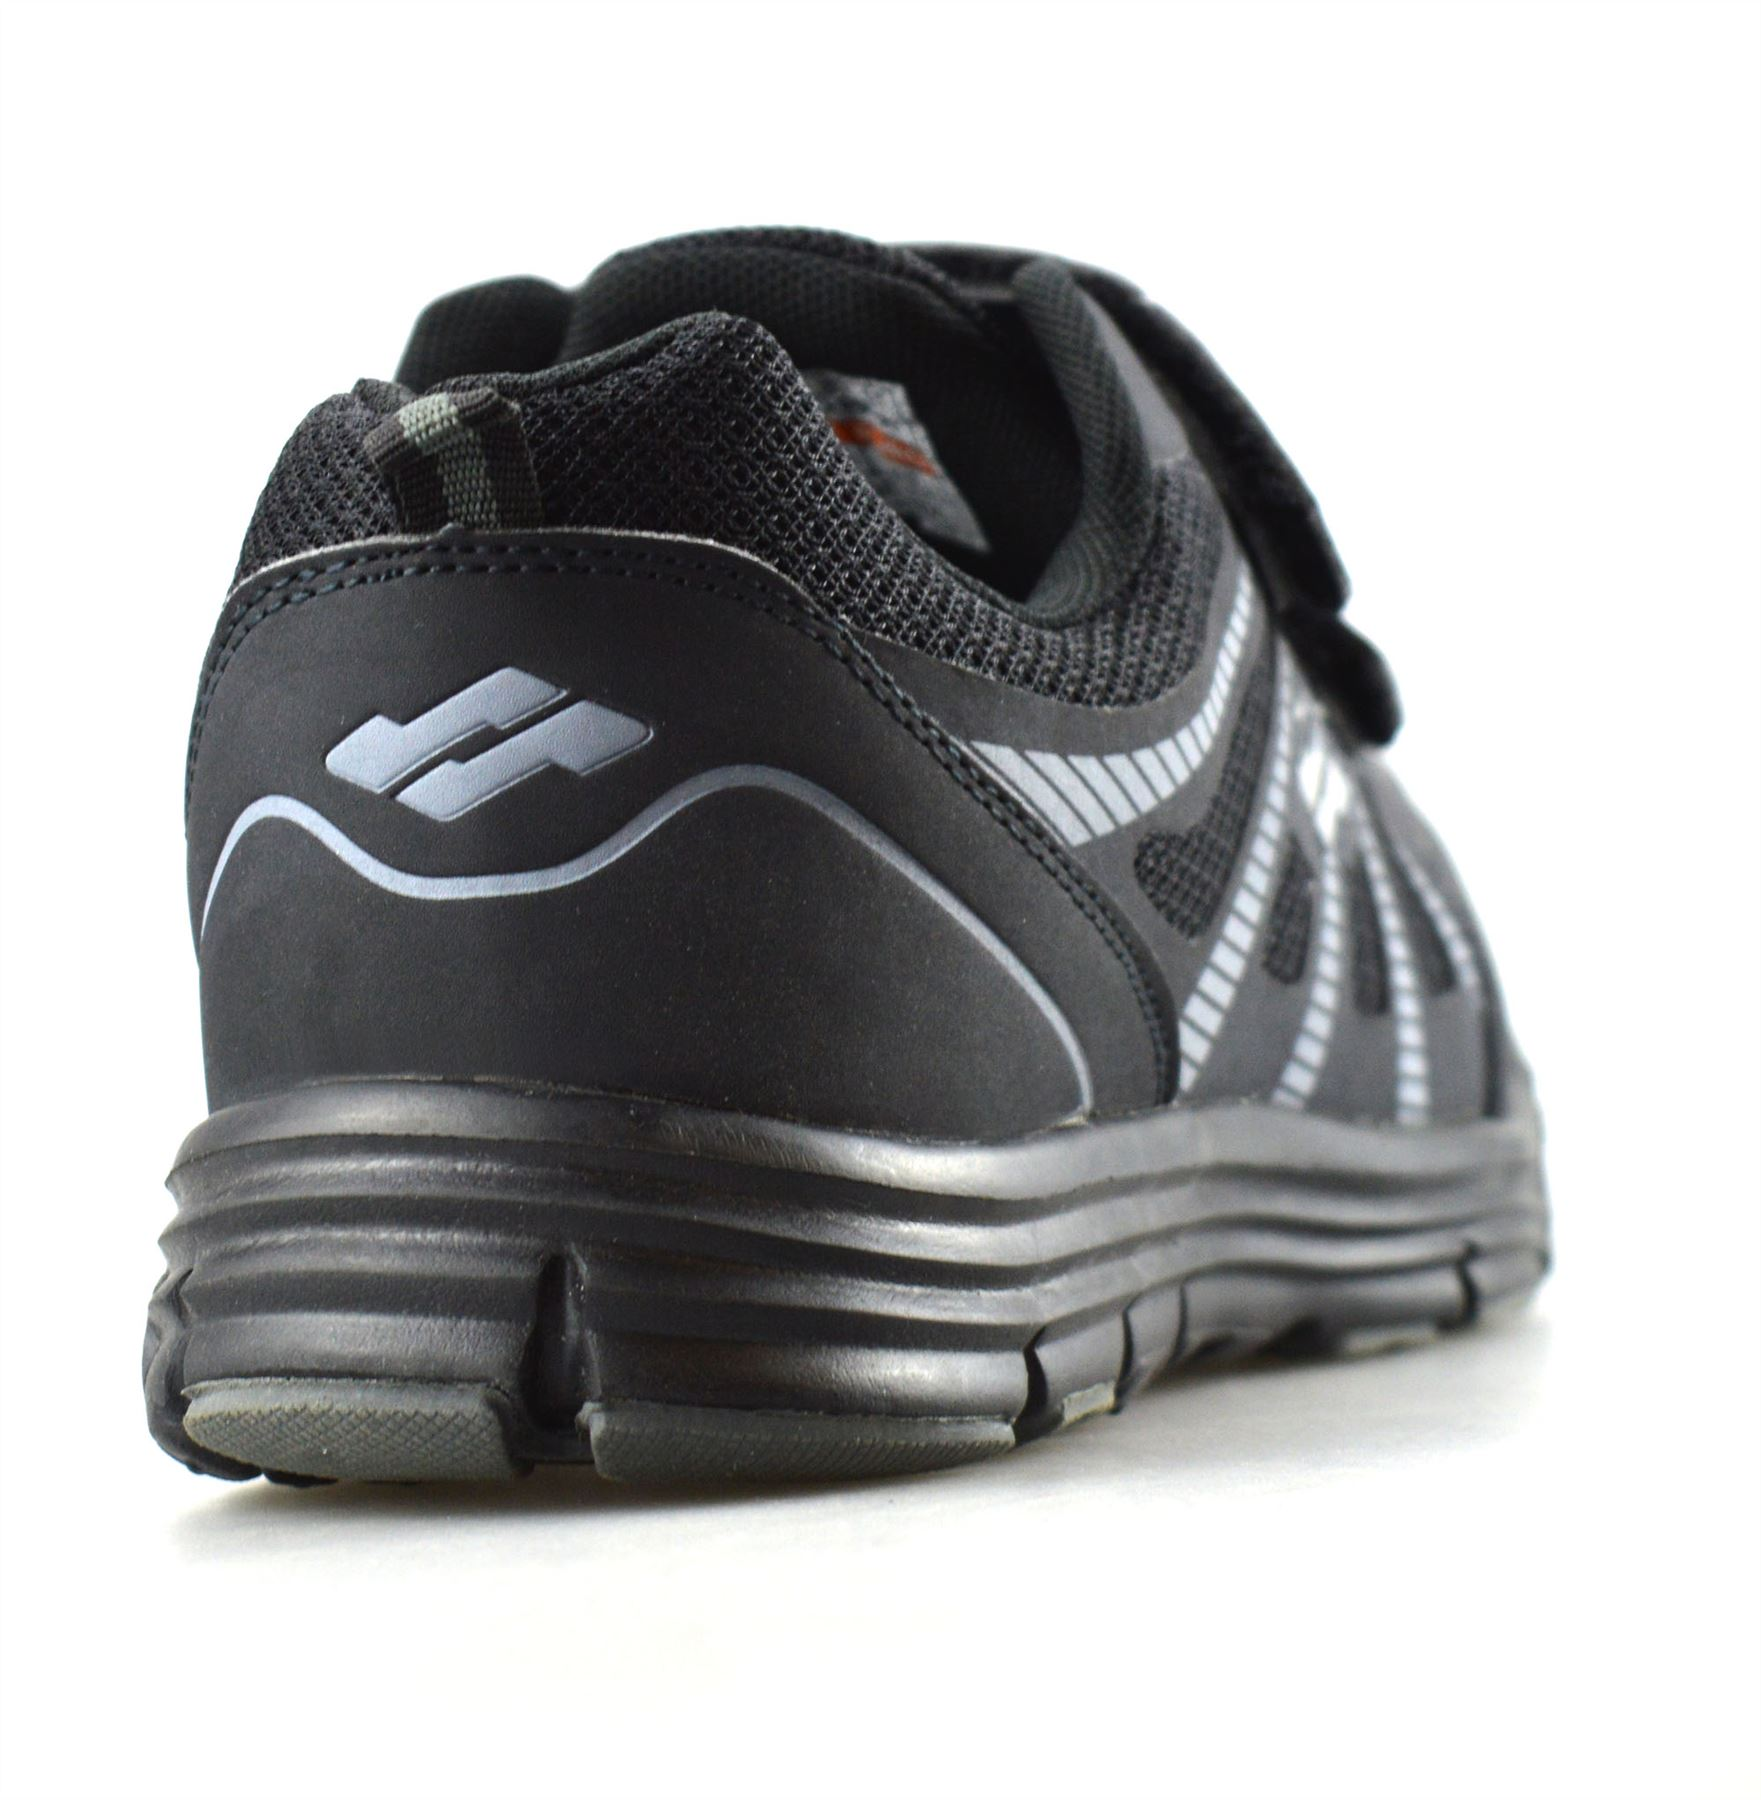 Hombre-Nuevo-Casual-Tactil-Correa-Pasear-Running-Gimnasio-Deportes-Ninos-Zapatillas-Zapatos-Talla miniatura 12